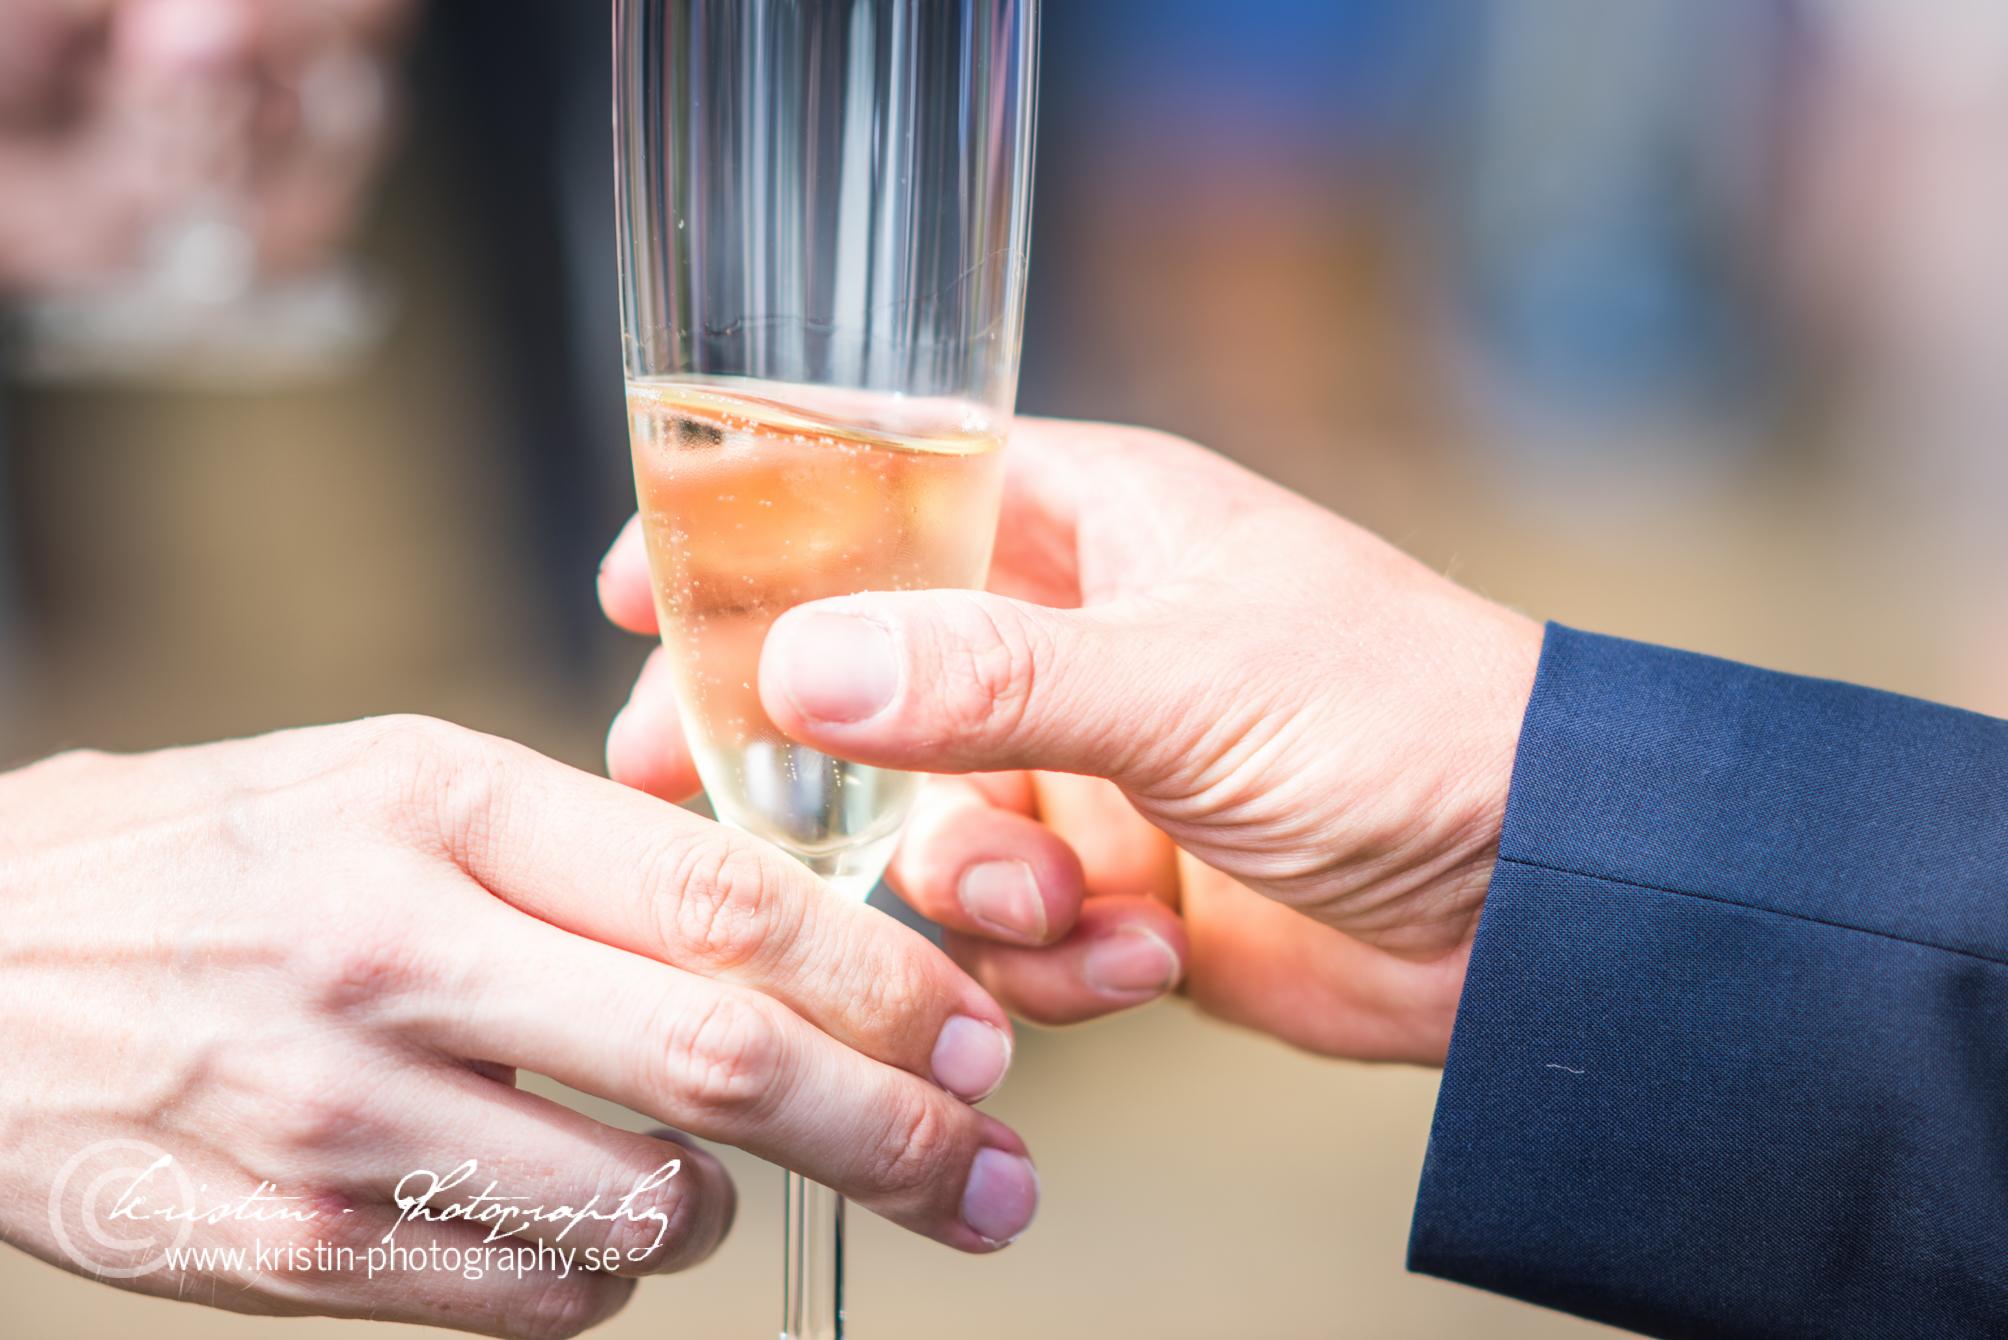 Bröllopsfotograf i Eskilstuna, Kristin - Photography, newborn-112.jpg